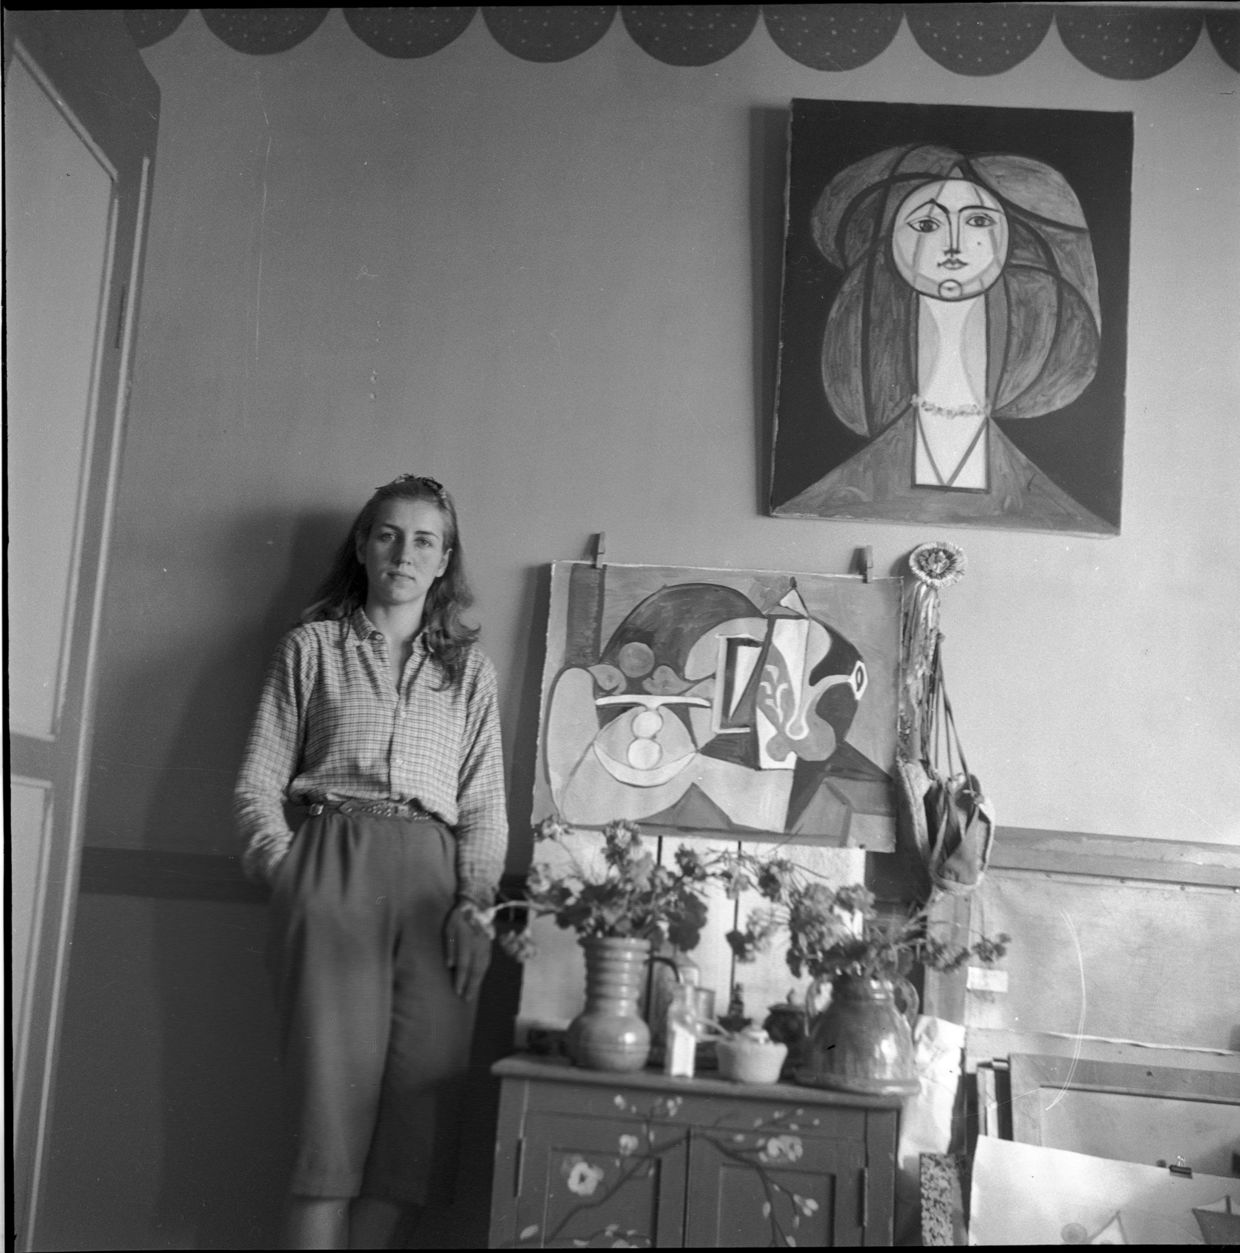 FRANÇOISE GILOT AND PABLO PICASSO THROUGH MICHEL SIMA'S LENS: Françoise la Galloise, Grimaldi Castle, September 1946